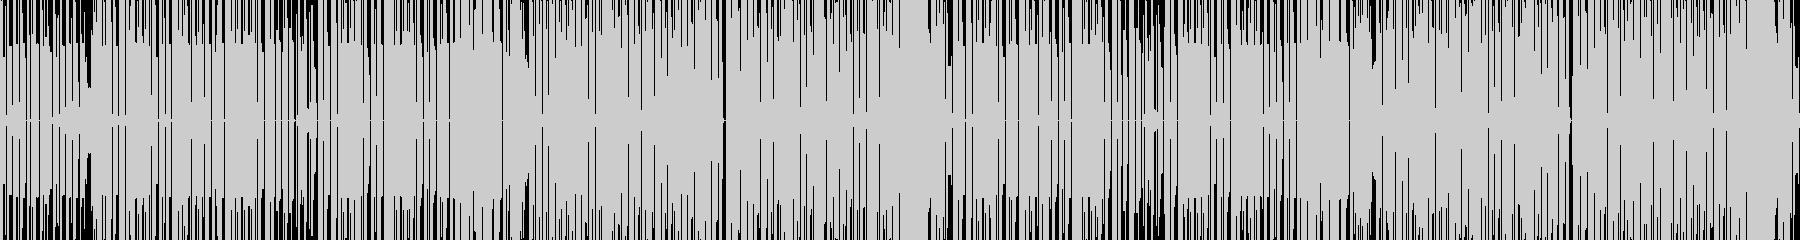 楽しいチップチューン 番組オープニングにの未再生の波形